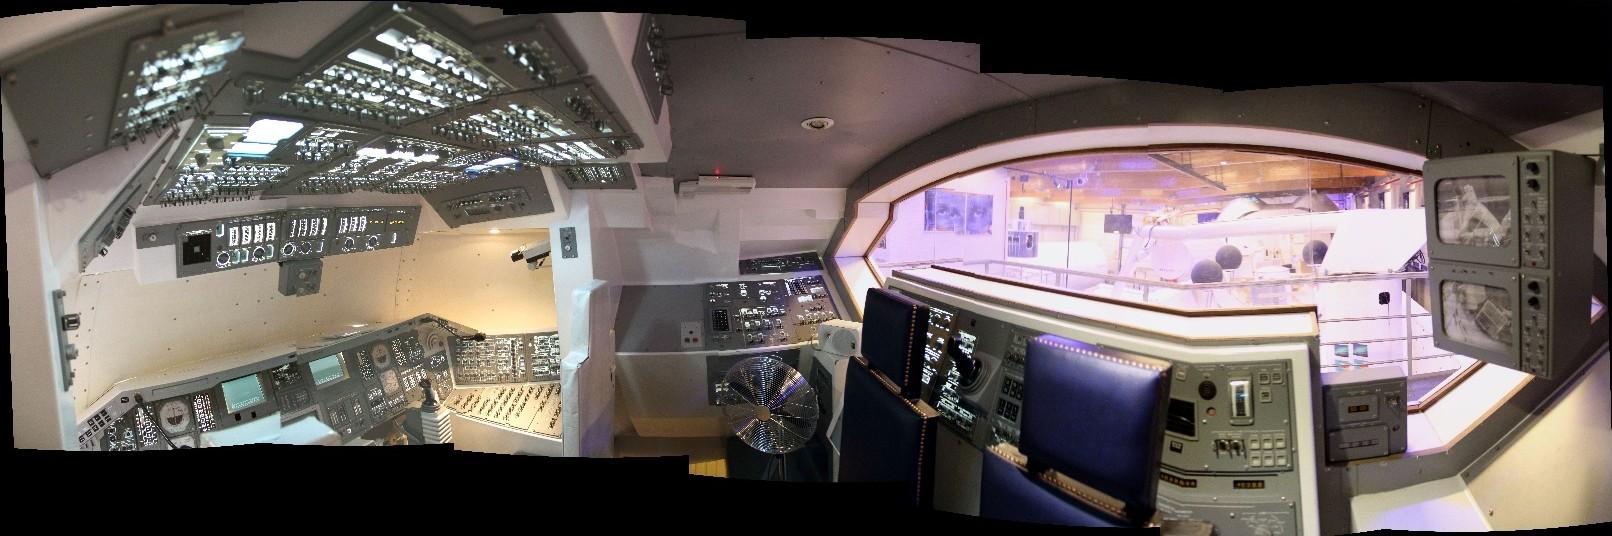 15 02 28 - 09h 29m 36s - Eurospace Center intérieur navette Amicitia_stitch r